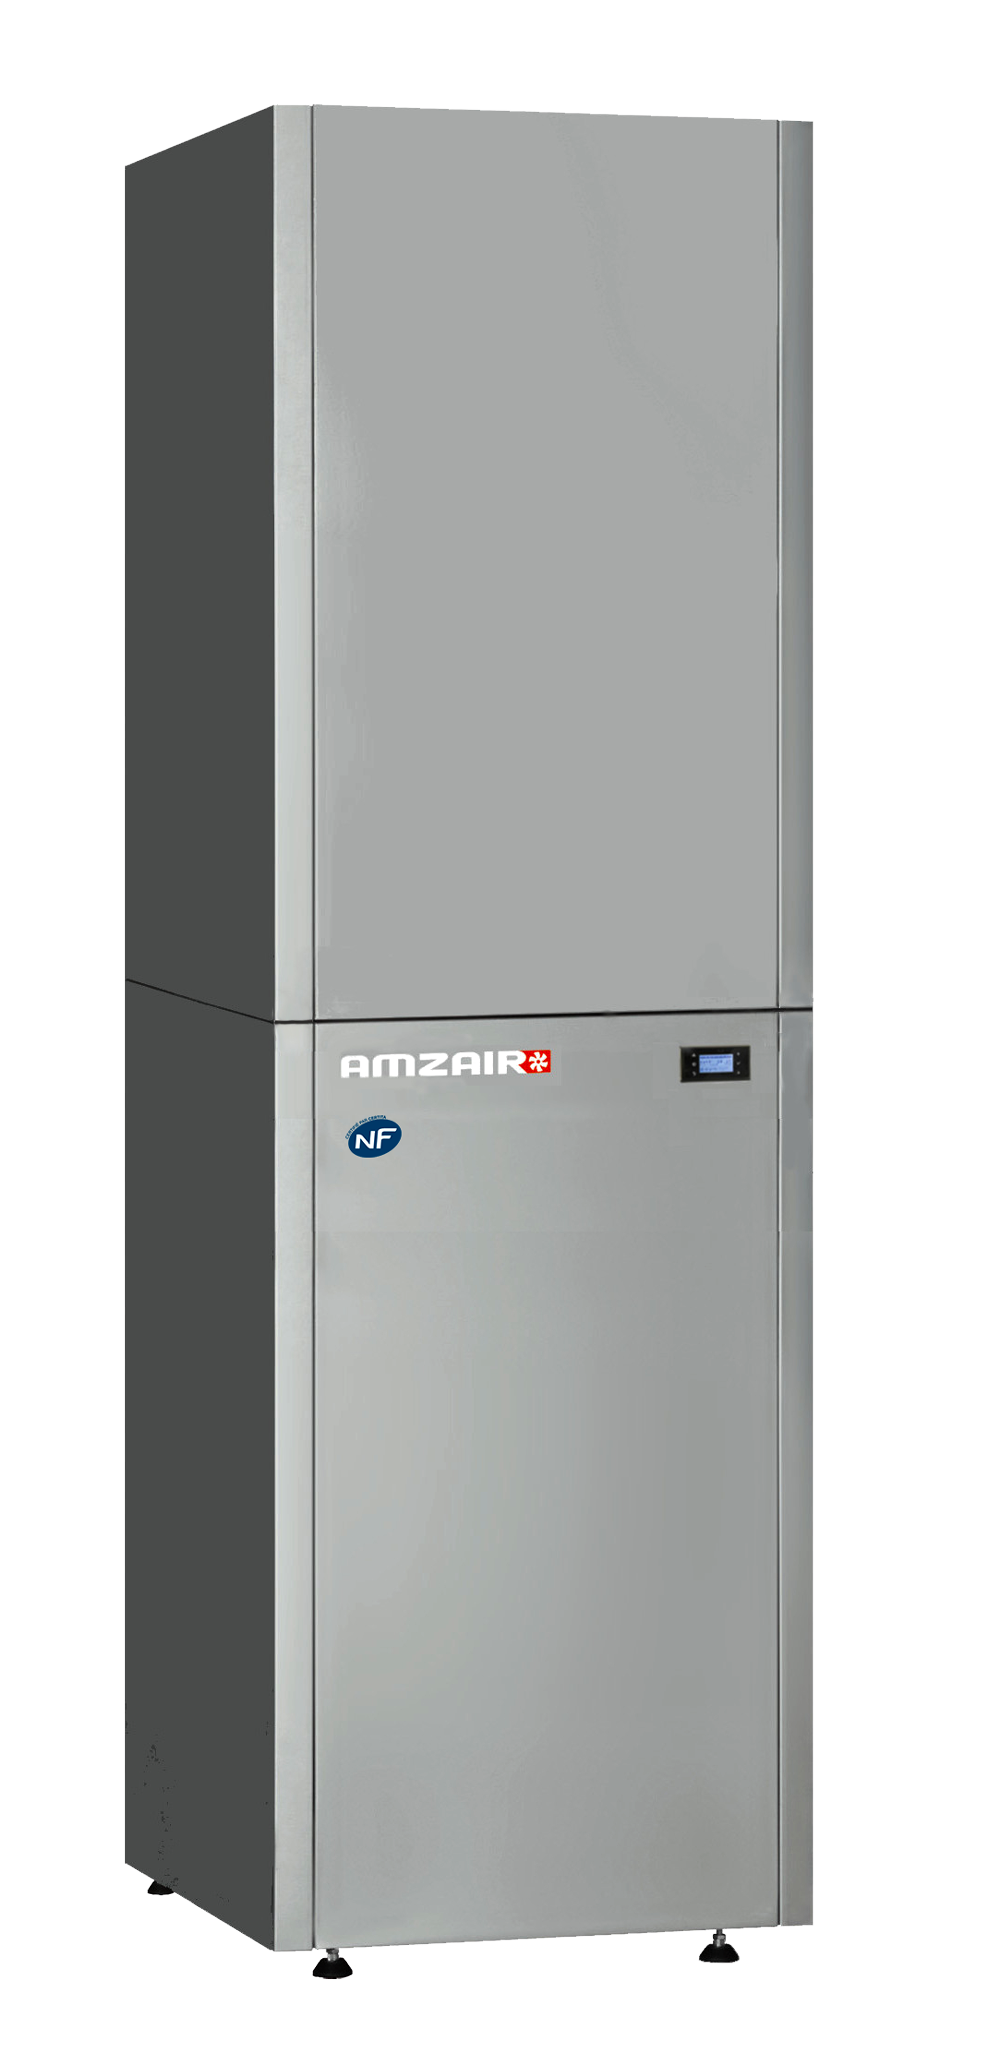 OPTIM'-DUO-AMZAIR-pompe-a-chaleur-interieure-sans-groupe-exterieur-20191218